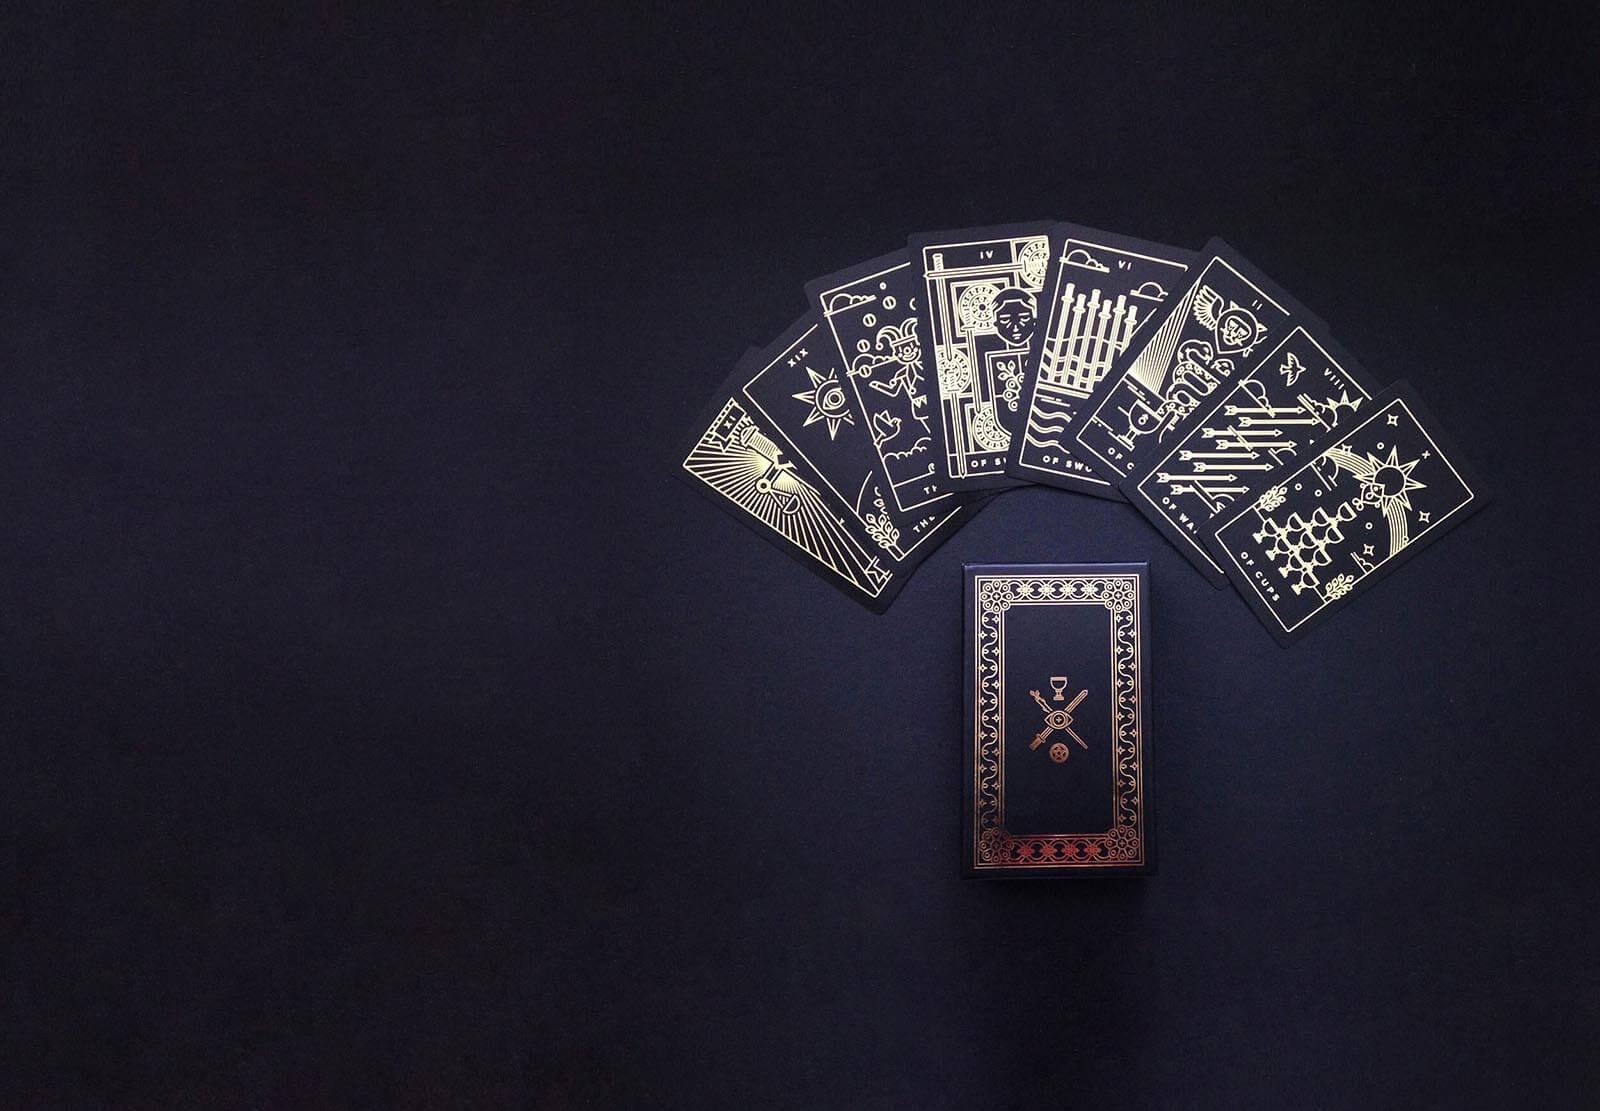 The Golden thread tarot deck